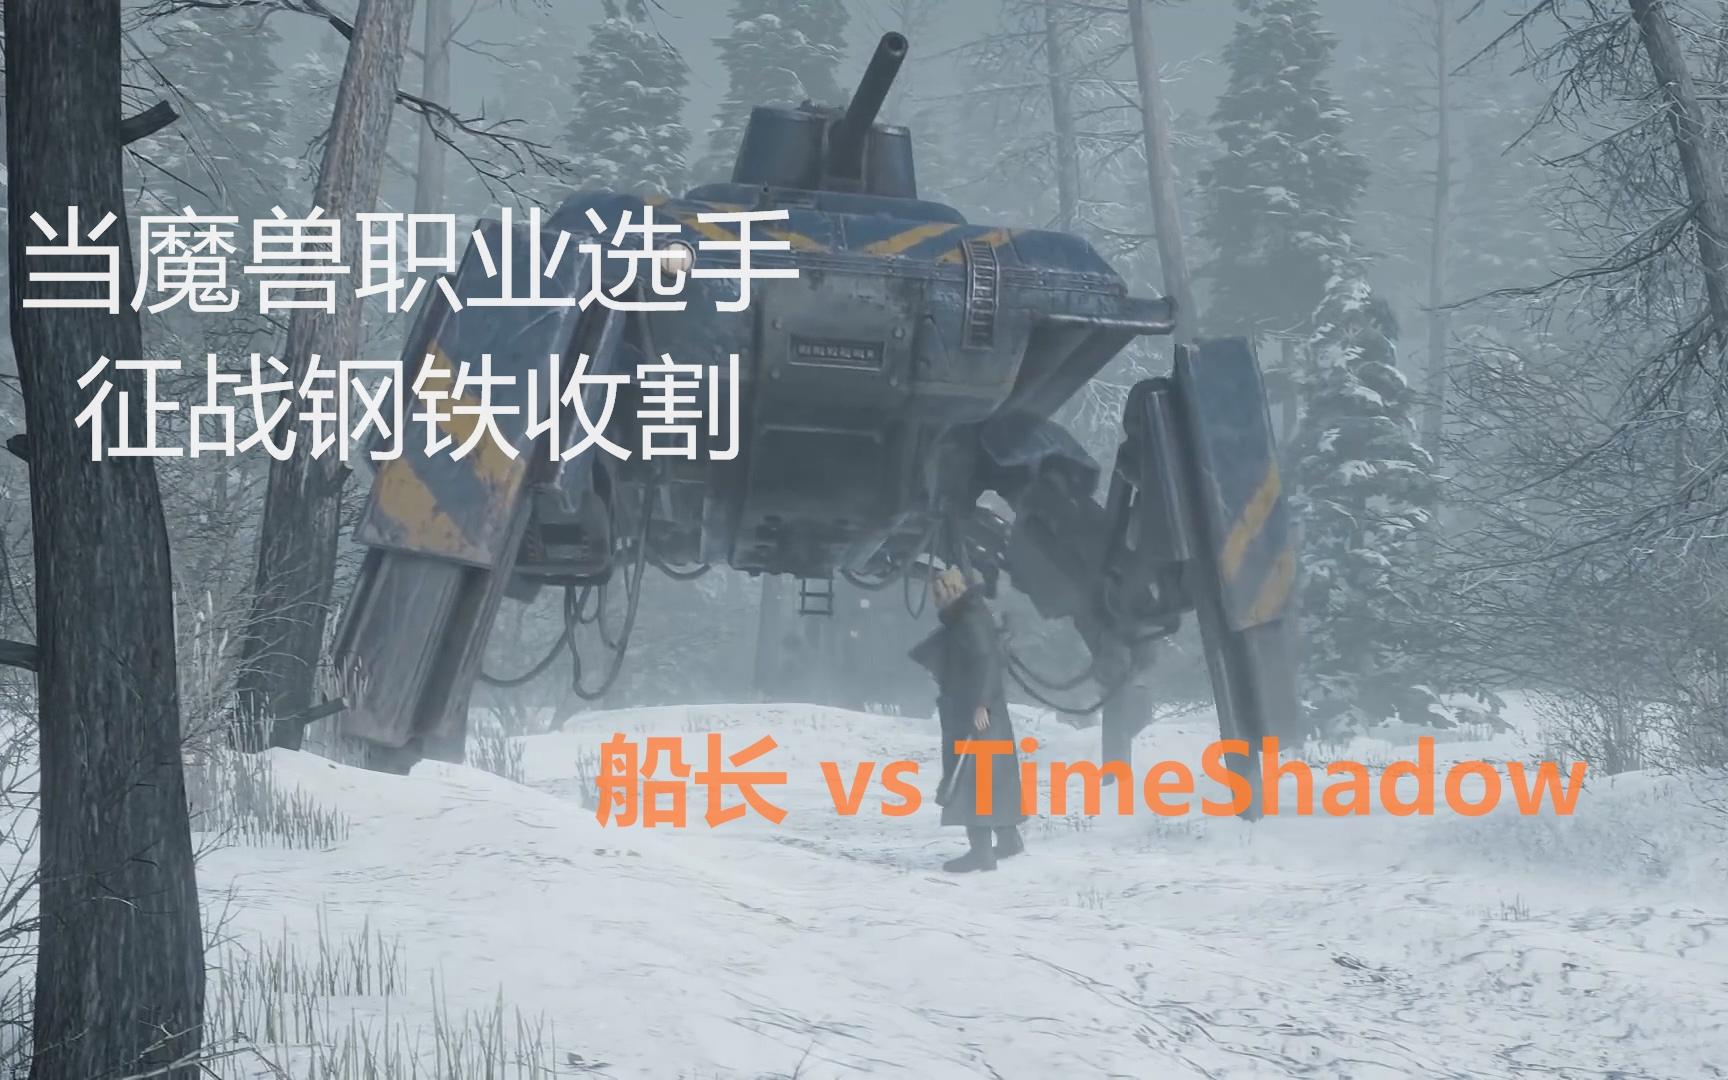 【钢铁收割】苏俄大战萨克斯排位高端局